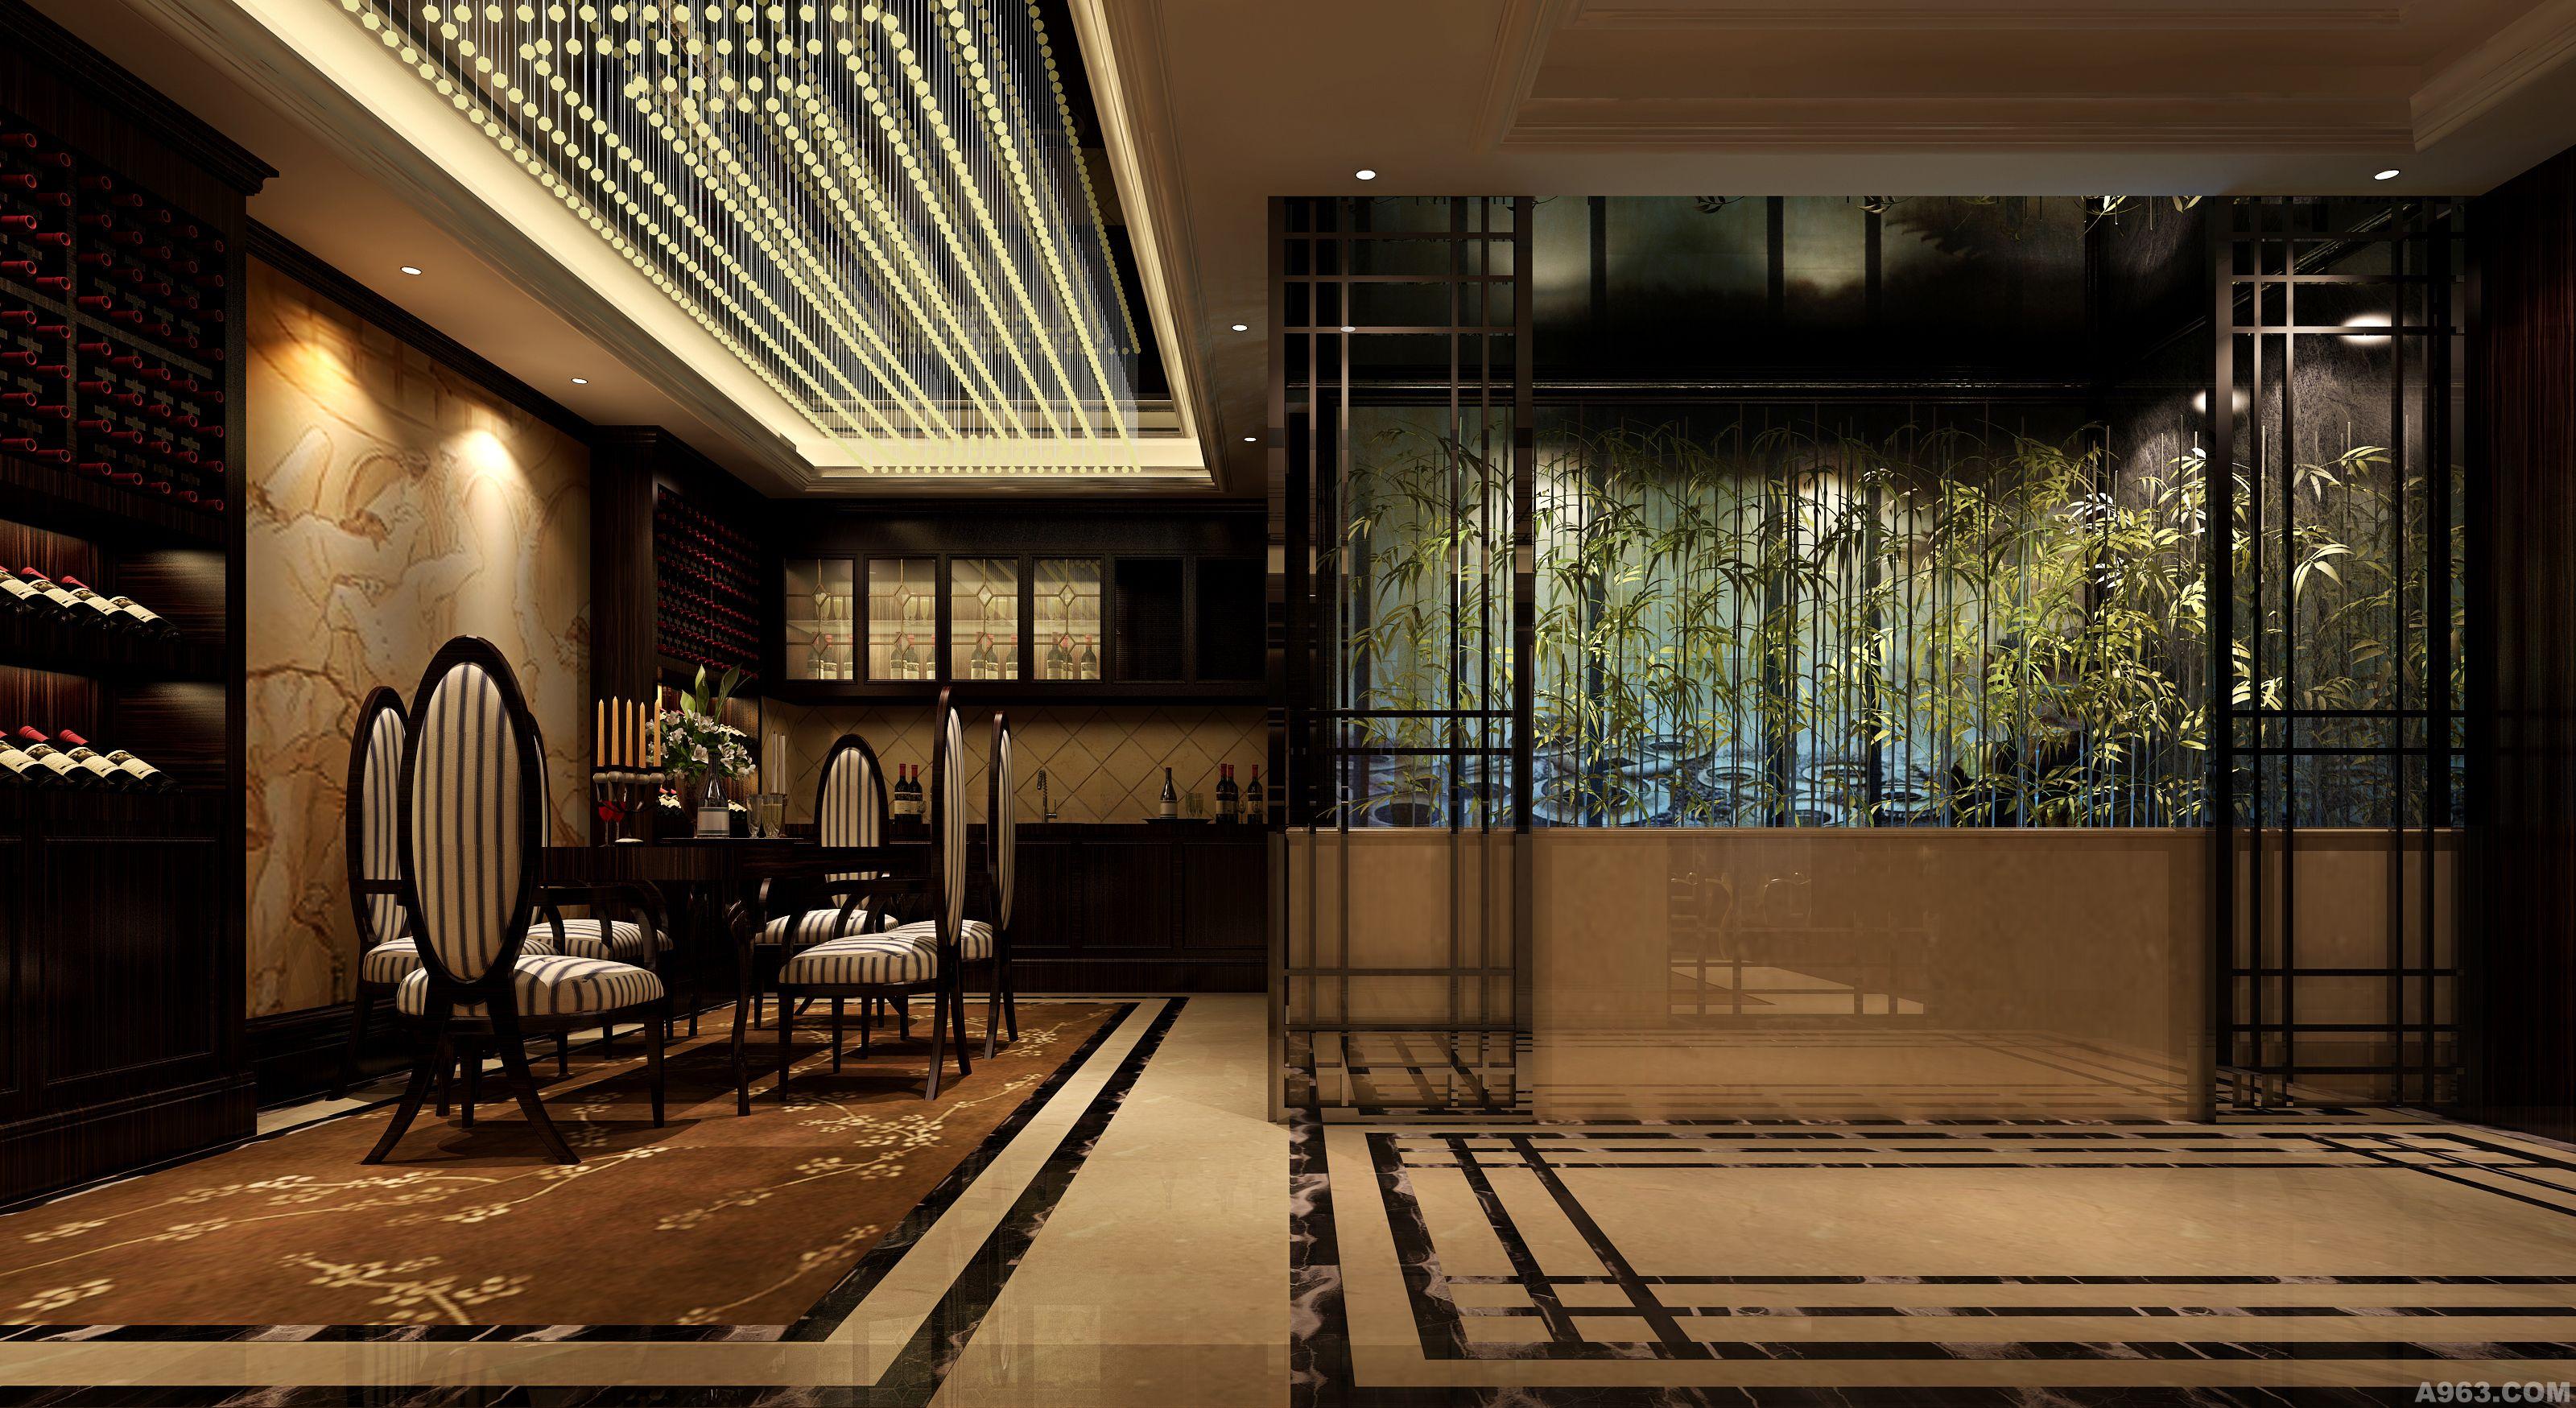 中华室内设计网 作品中心 公共空间 会所设计 > 香港喜力设计成都机构